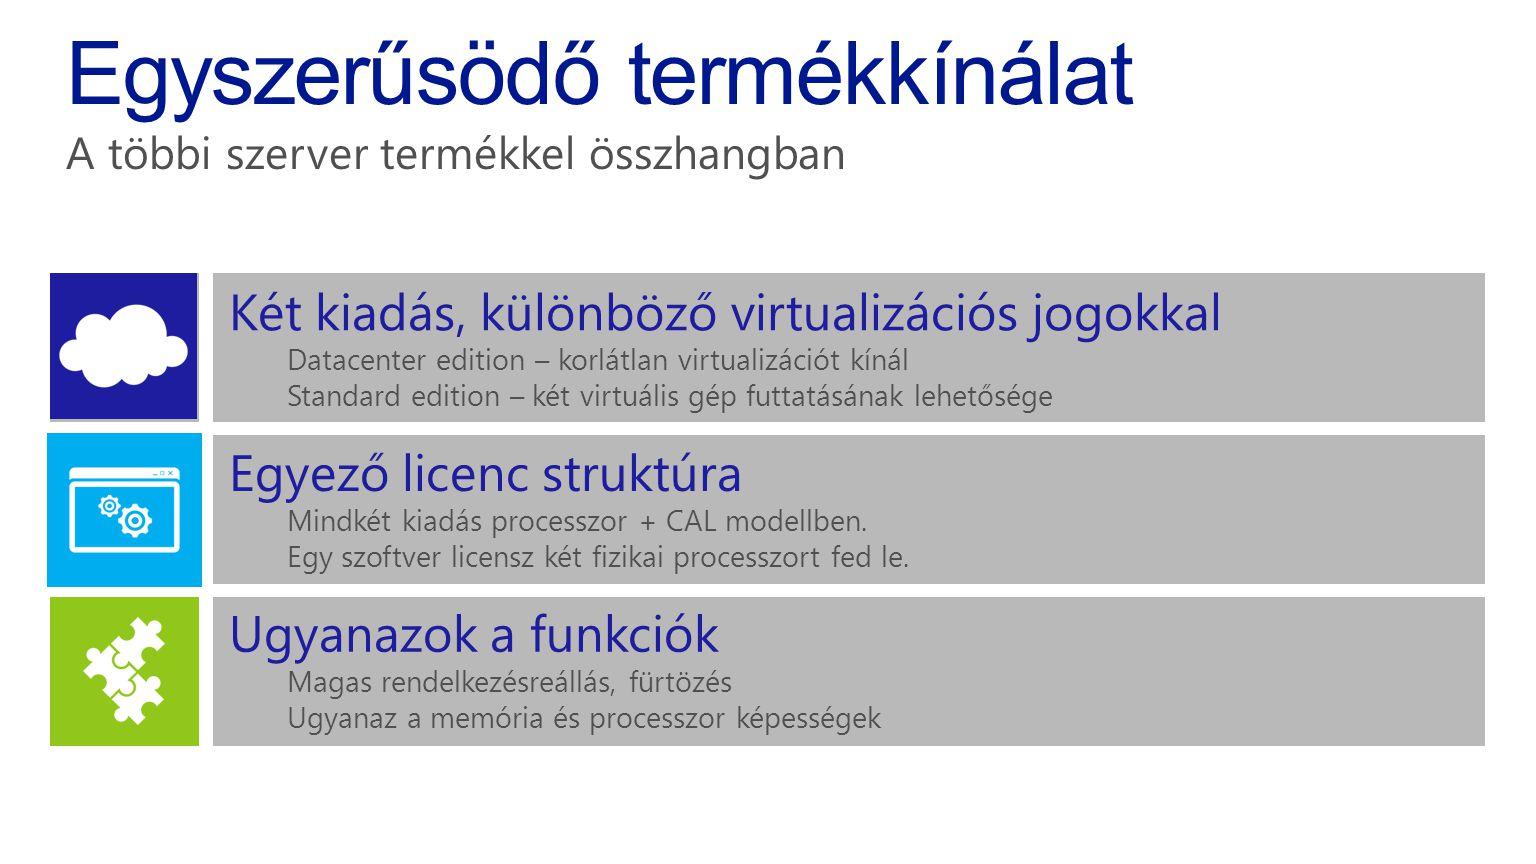 Windows Server 2012 Változatok A legolcsóbb szerverváltozat Csak az OEM csatornán keresztül érhető el Nincs virtualizációs jogosultság benne Korlátozott funkcionalitás Felhővel összekapcsolt KKV szerver Nincs virtualizációs jogosultság benne Korlátozott funkcionalitás Alacsony sűrűségű virtualizációhoz vagy fizikai gépekhez Kettő virtuális gép futtatásának joga Minden funkció benne van Nagy sűrűségű virtualizációhoz Korlátlan jogosultság virtuális gépek futtatására Minden funkció benne van Windows Server 2012 Datacenter Windows Server 2012 Standard Windows Server 2012 Essentials Windows Server 2012 Foundation